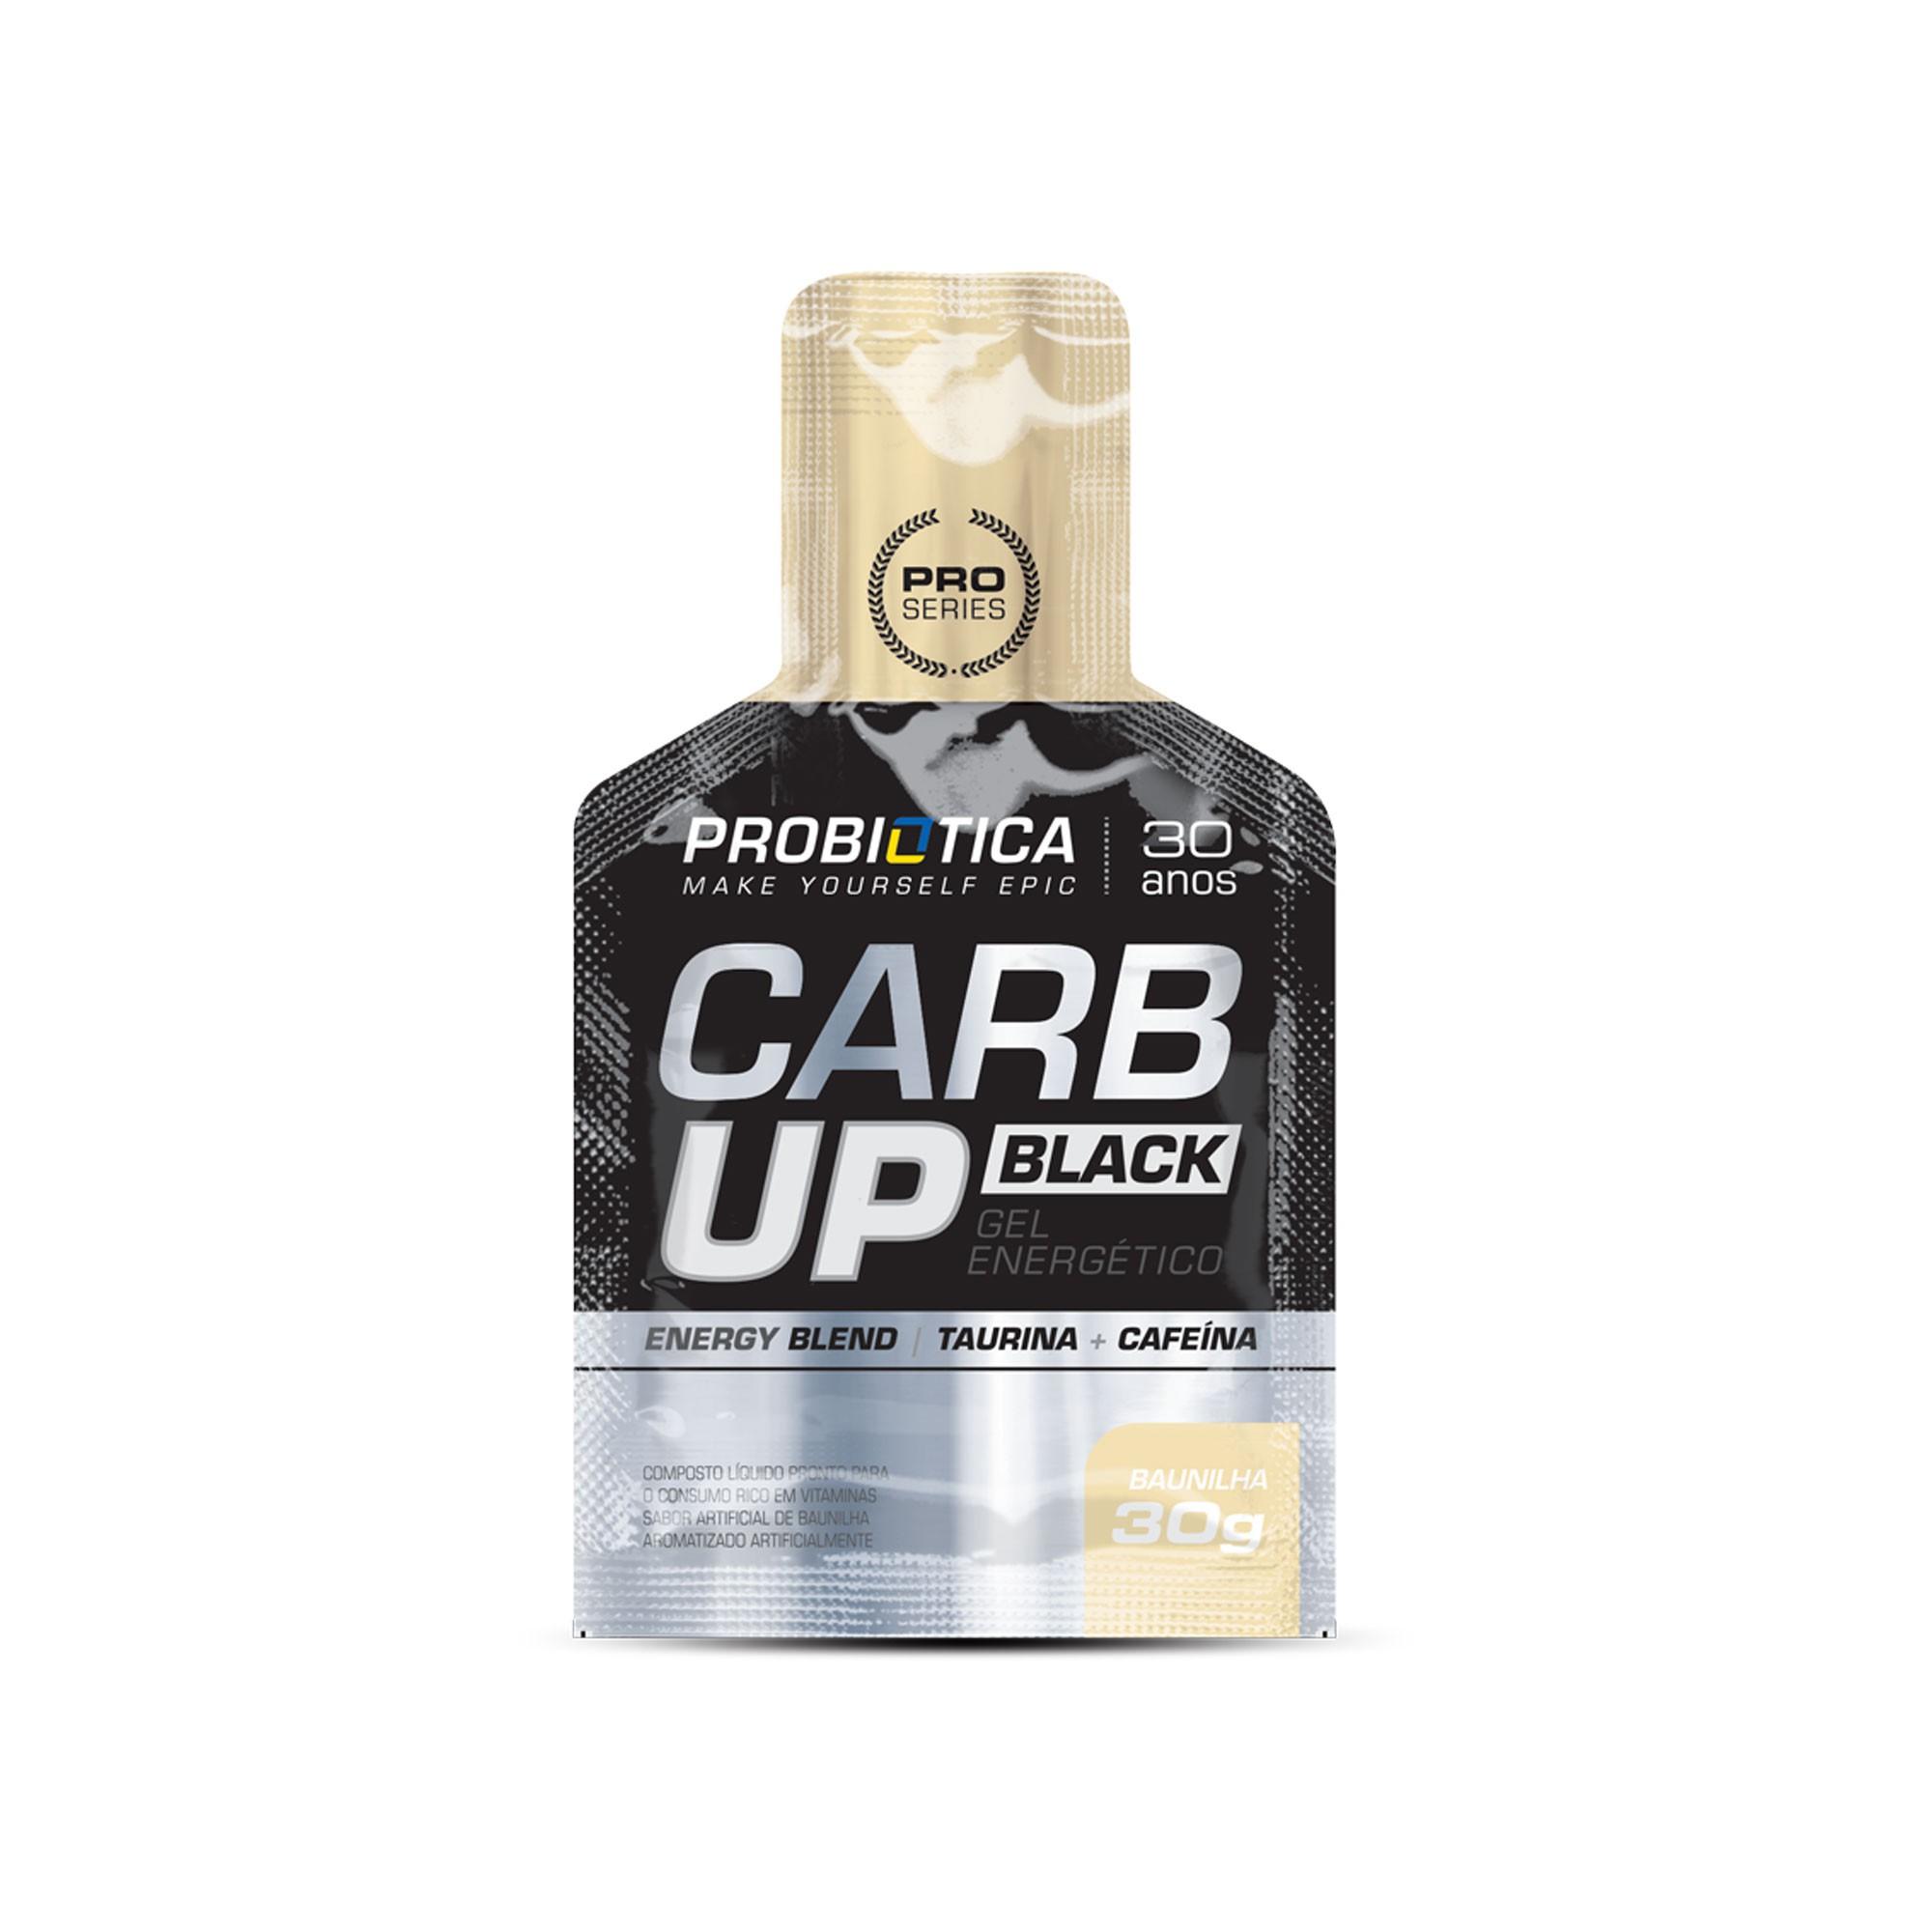 Carb up  Black Gel energético Baunilha Probiotica 30g